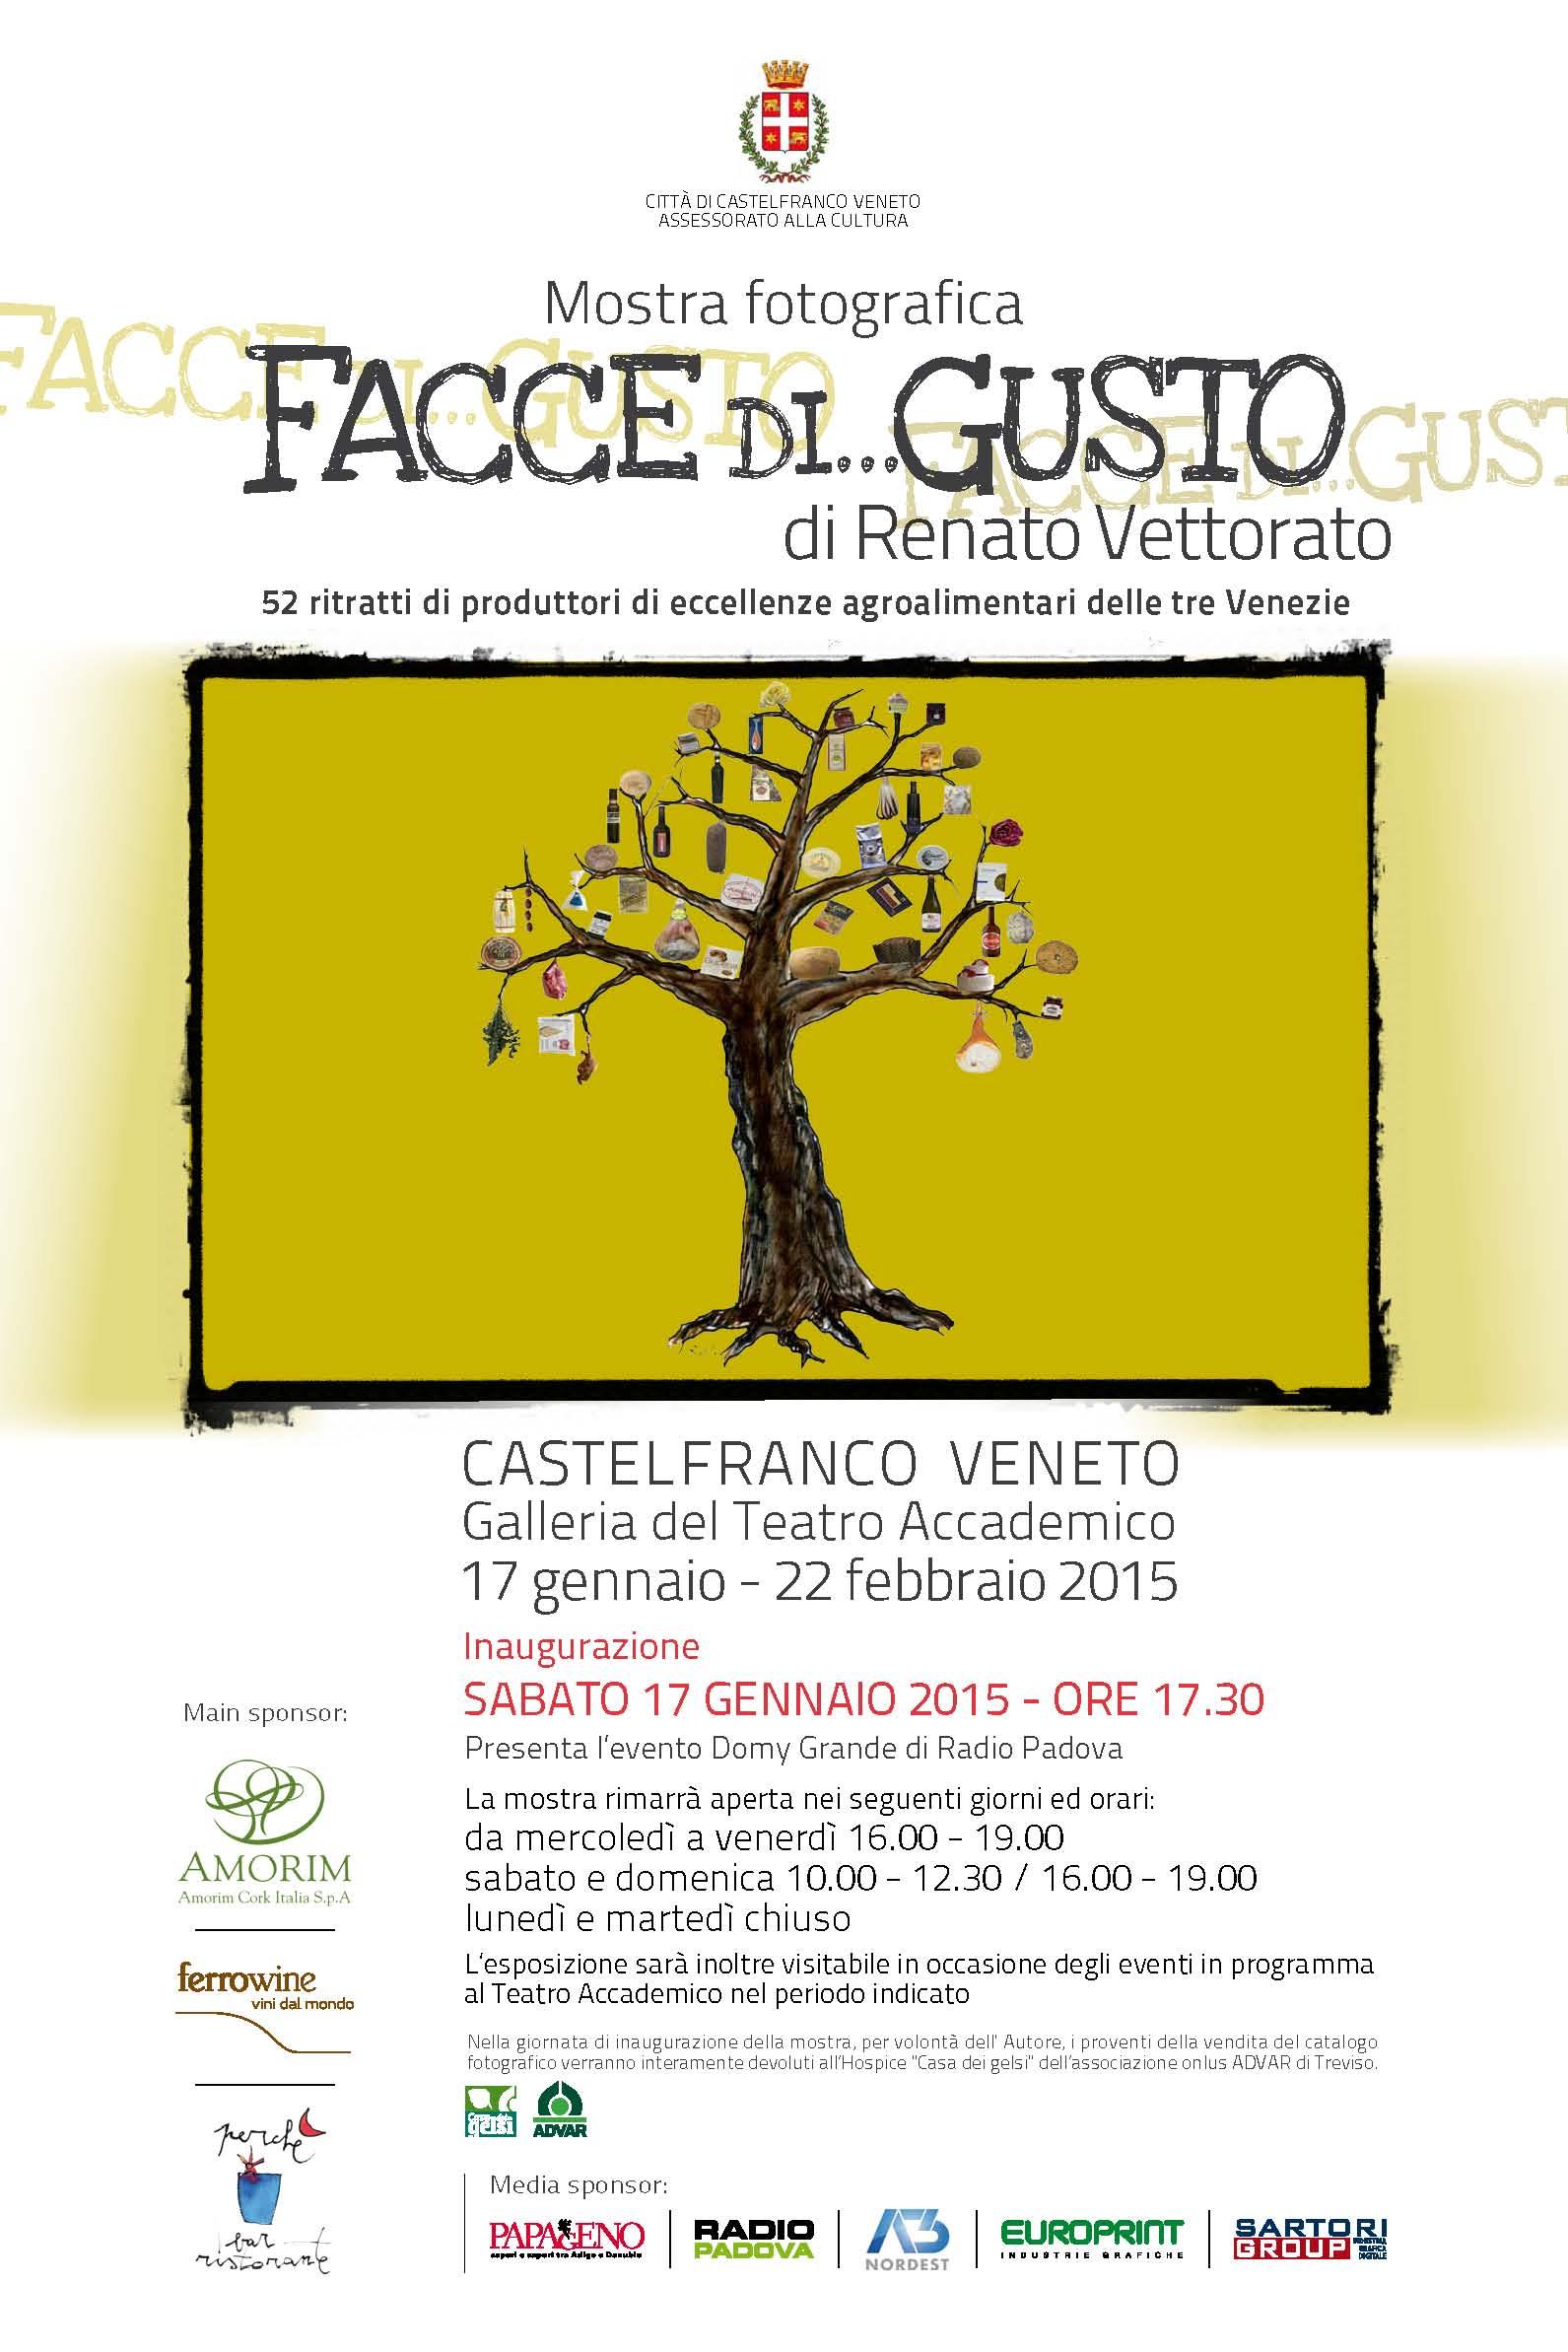 52 ritratti di produttori di eccellenze agroalimentari delle tre Venezie